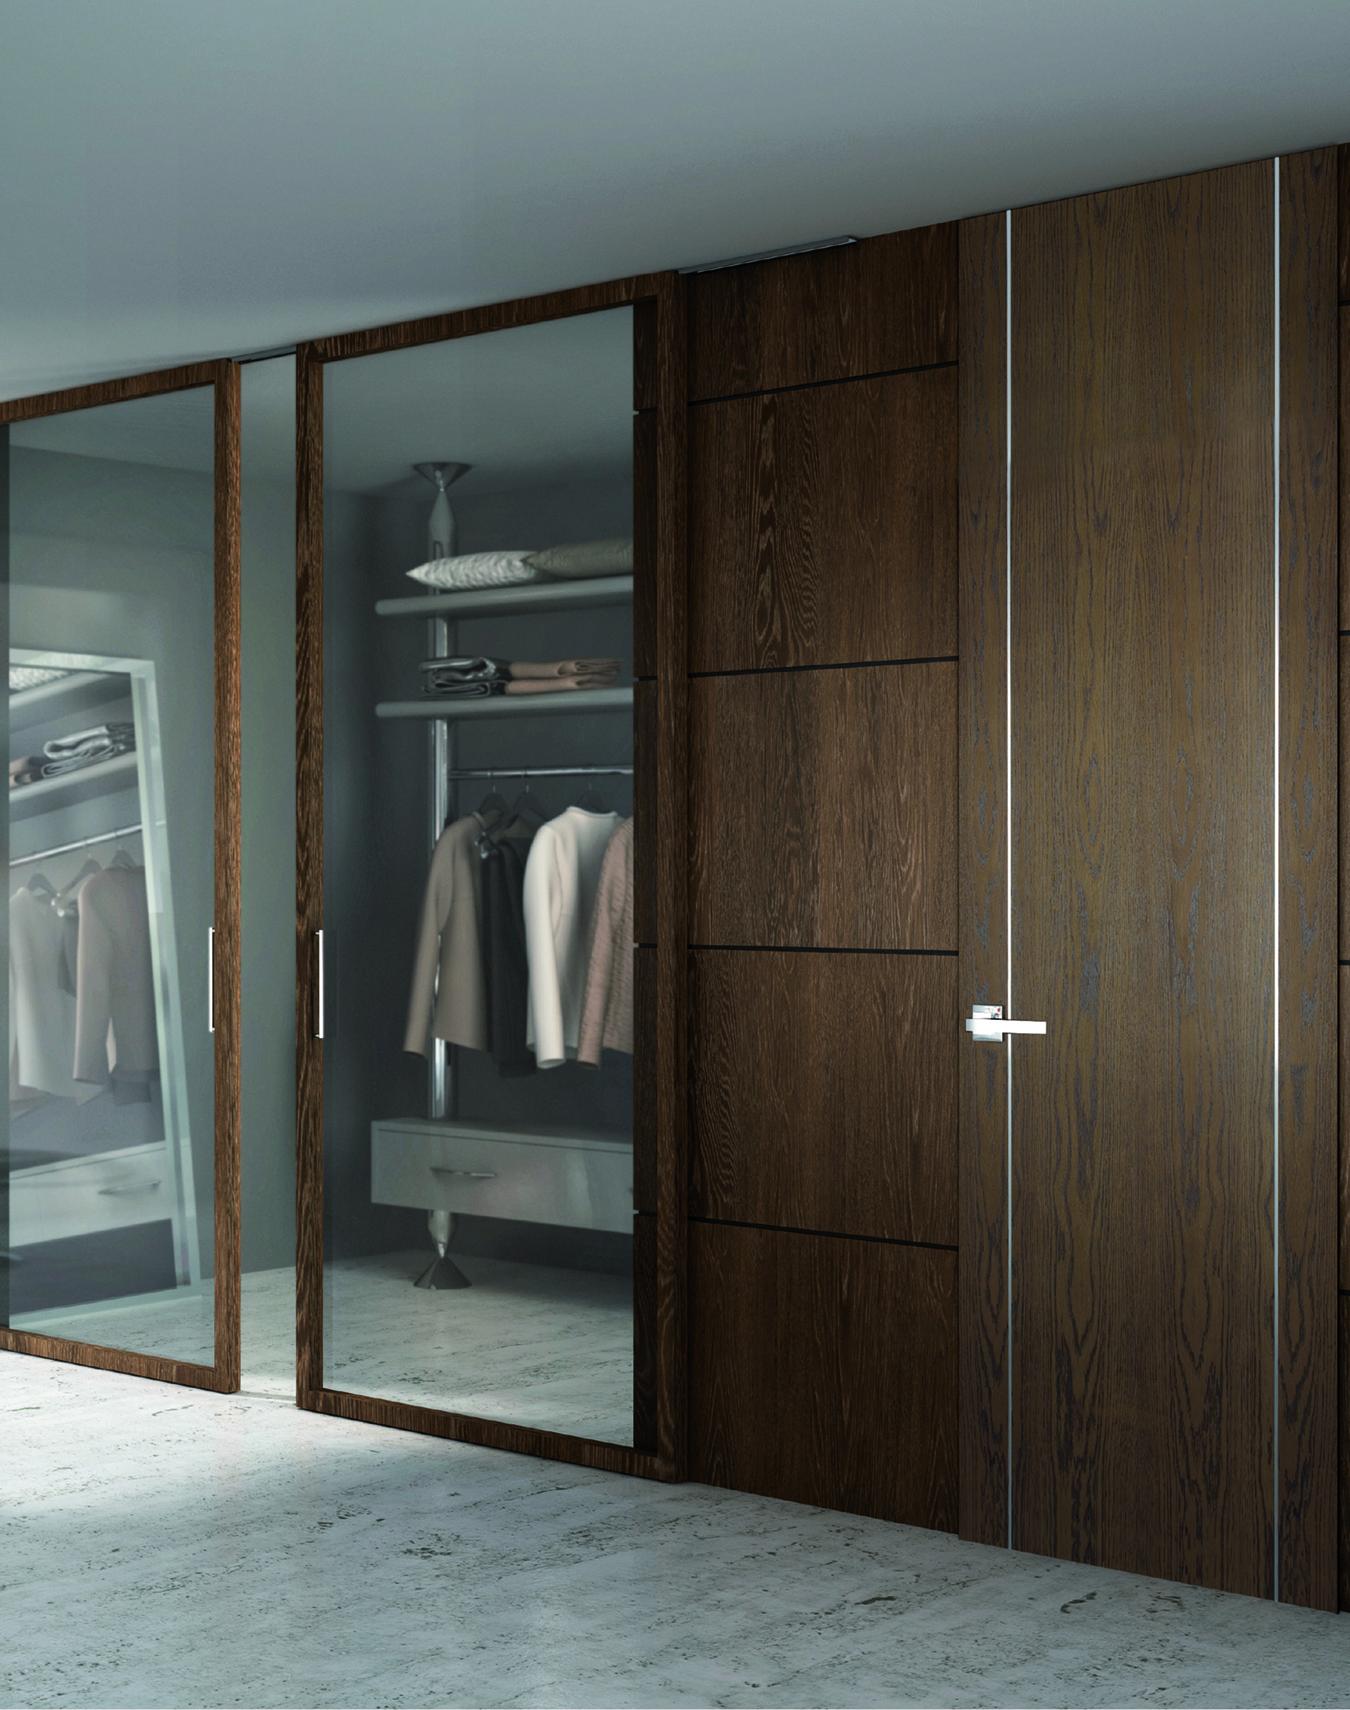 Armario vestidor y puertas modelo de Puertas Castalla - Carpintería en madera en Logroño